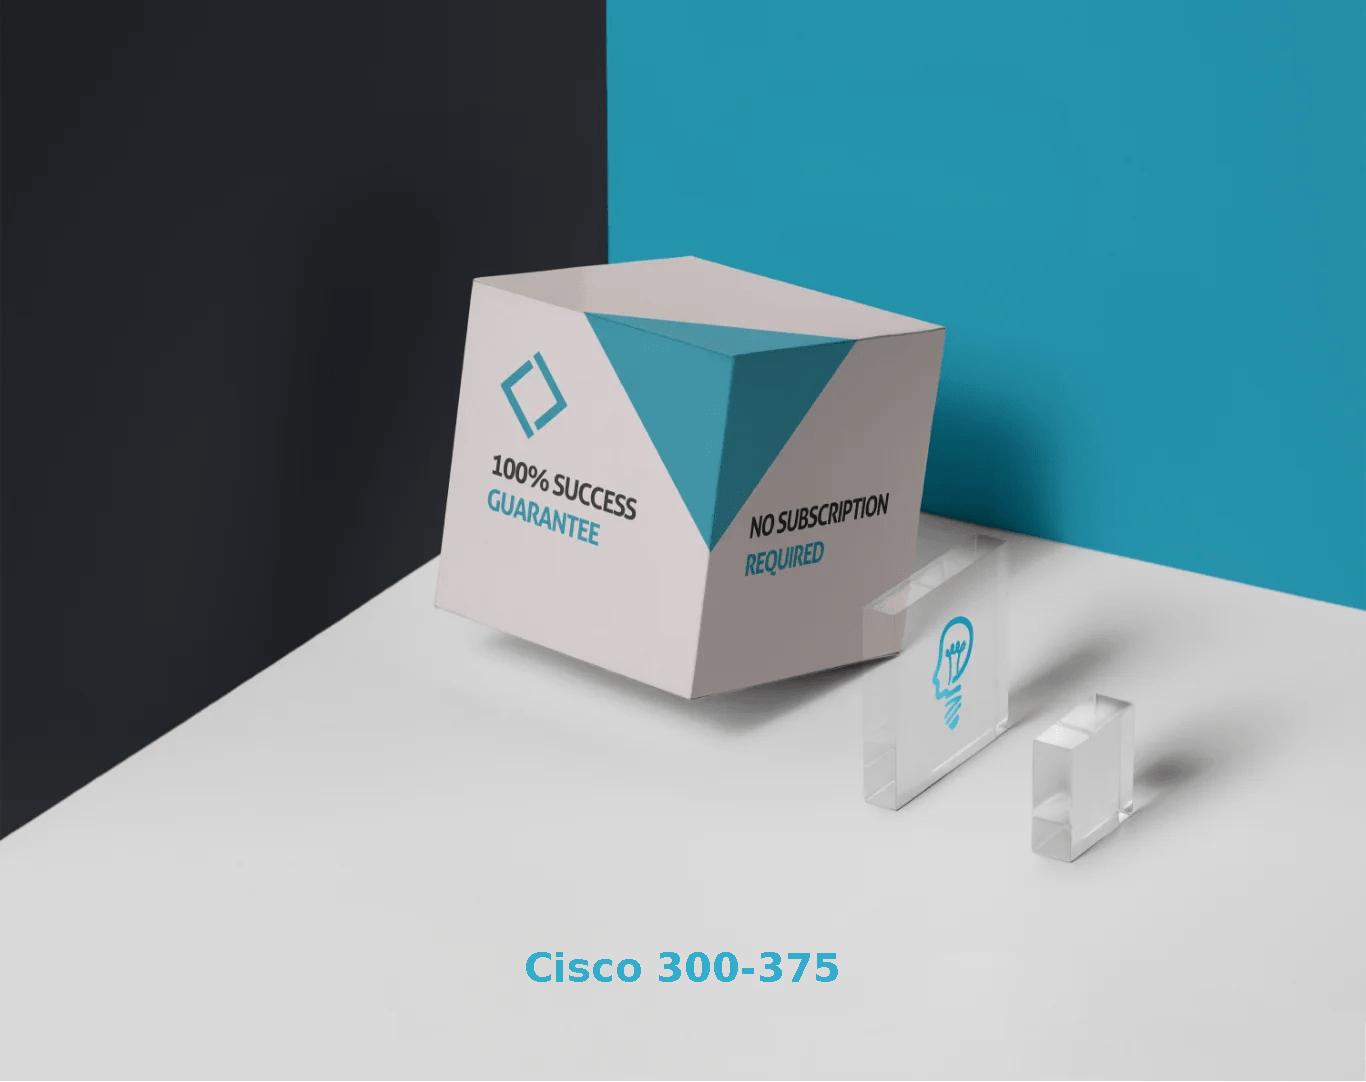 Cisco 300-375 Exams